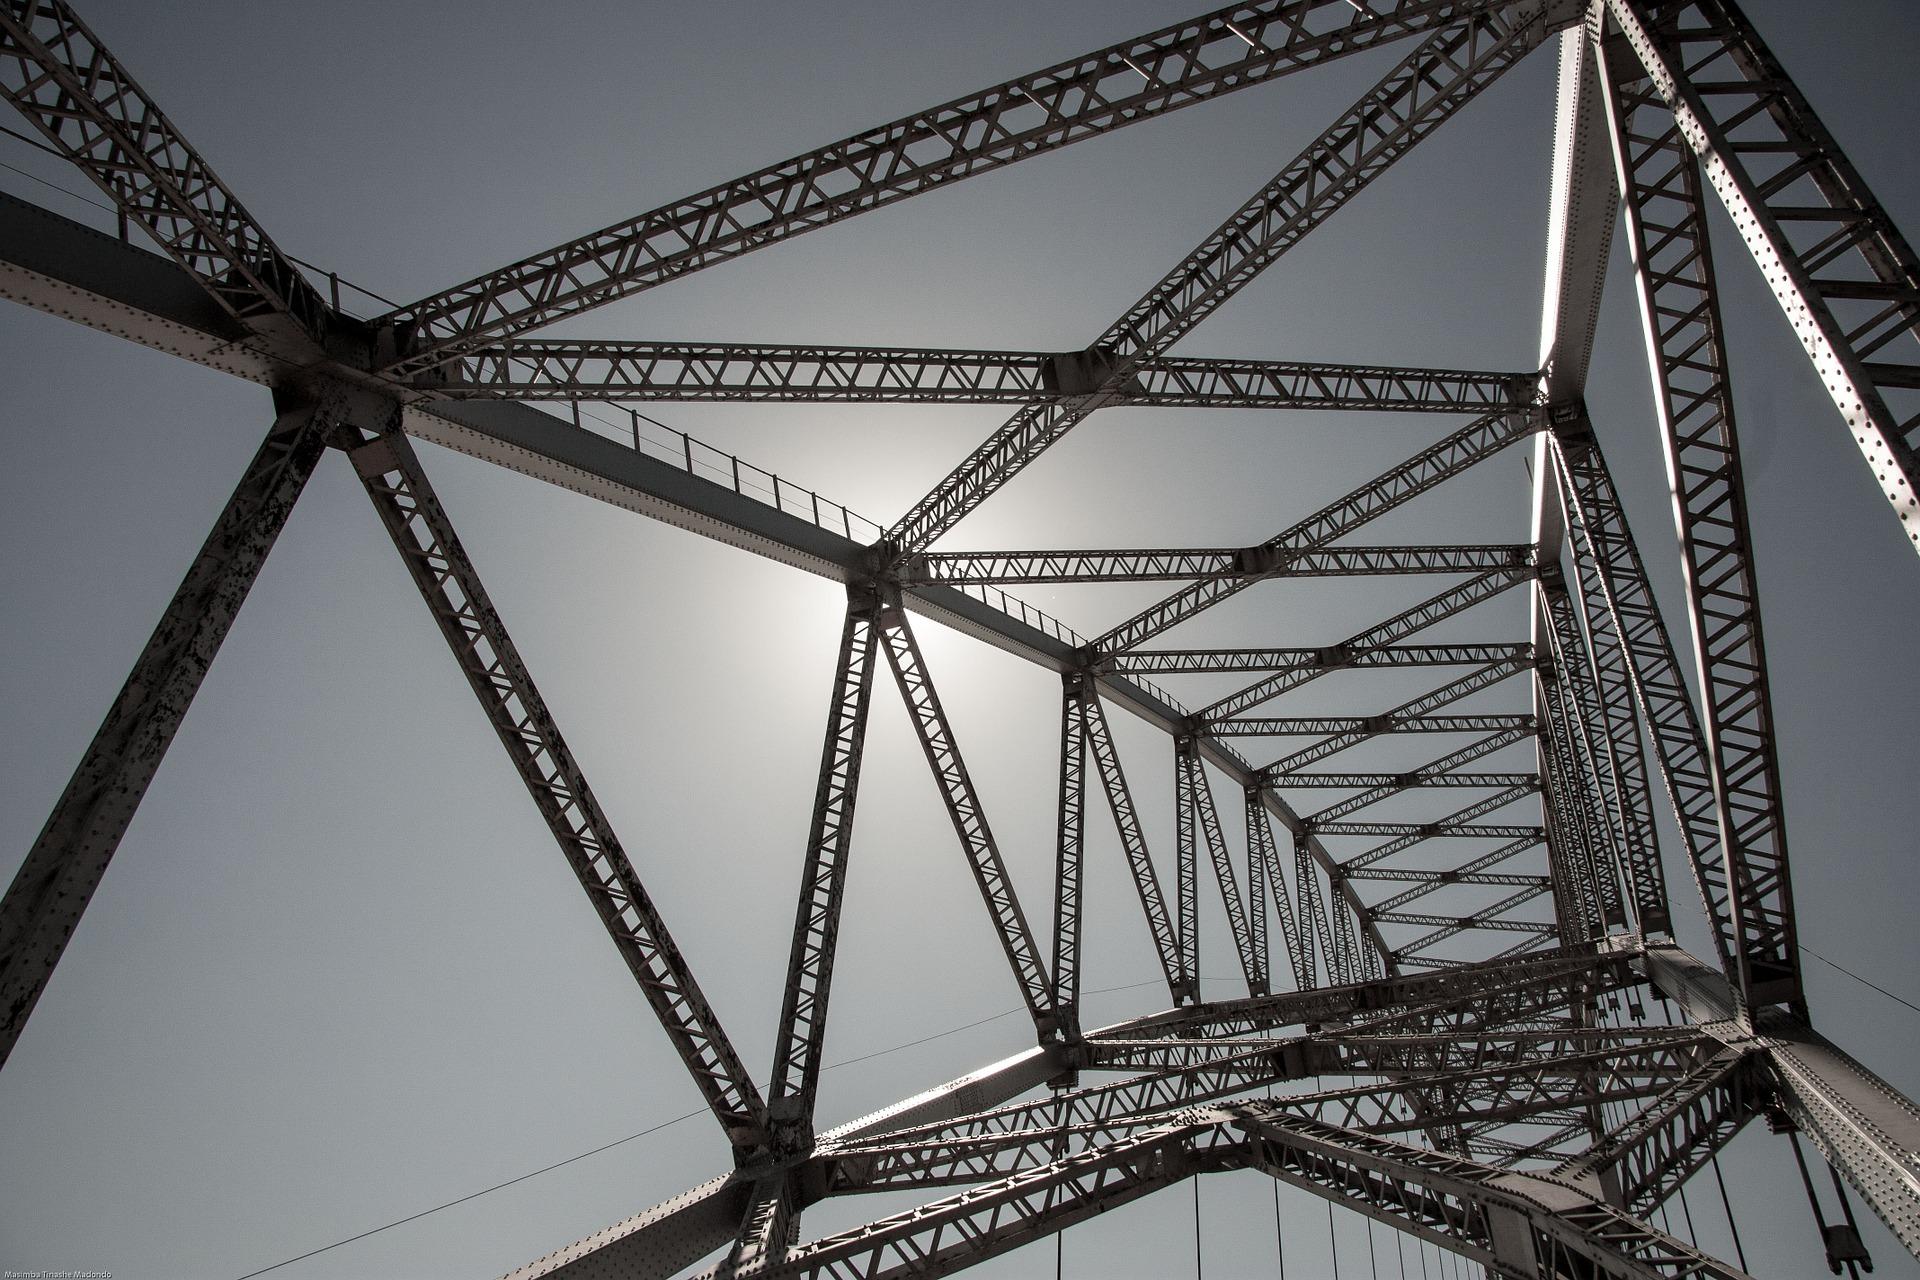 Estructura triangular en acero de un puente